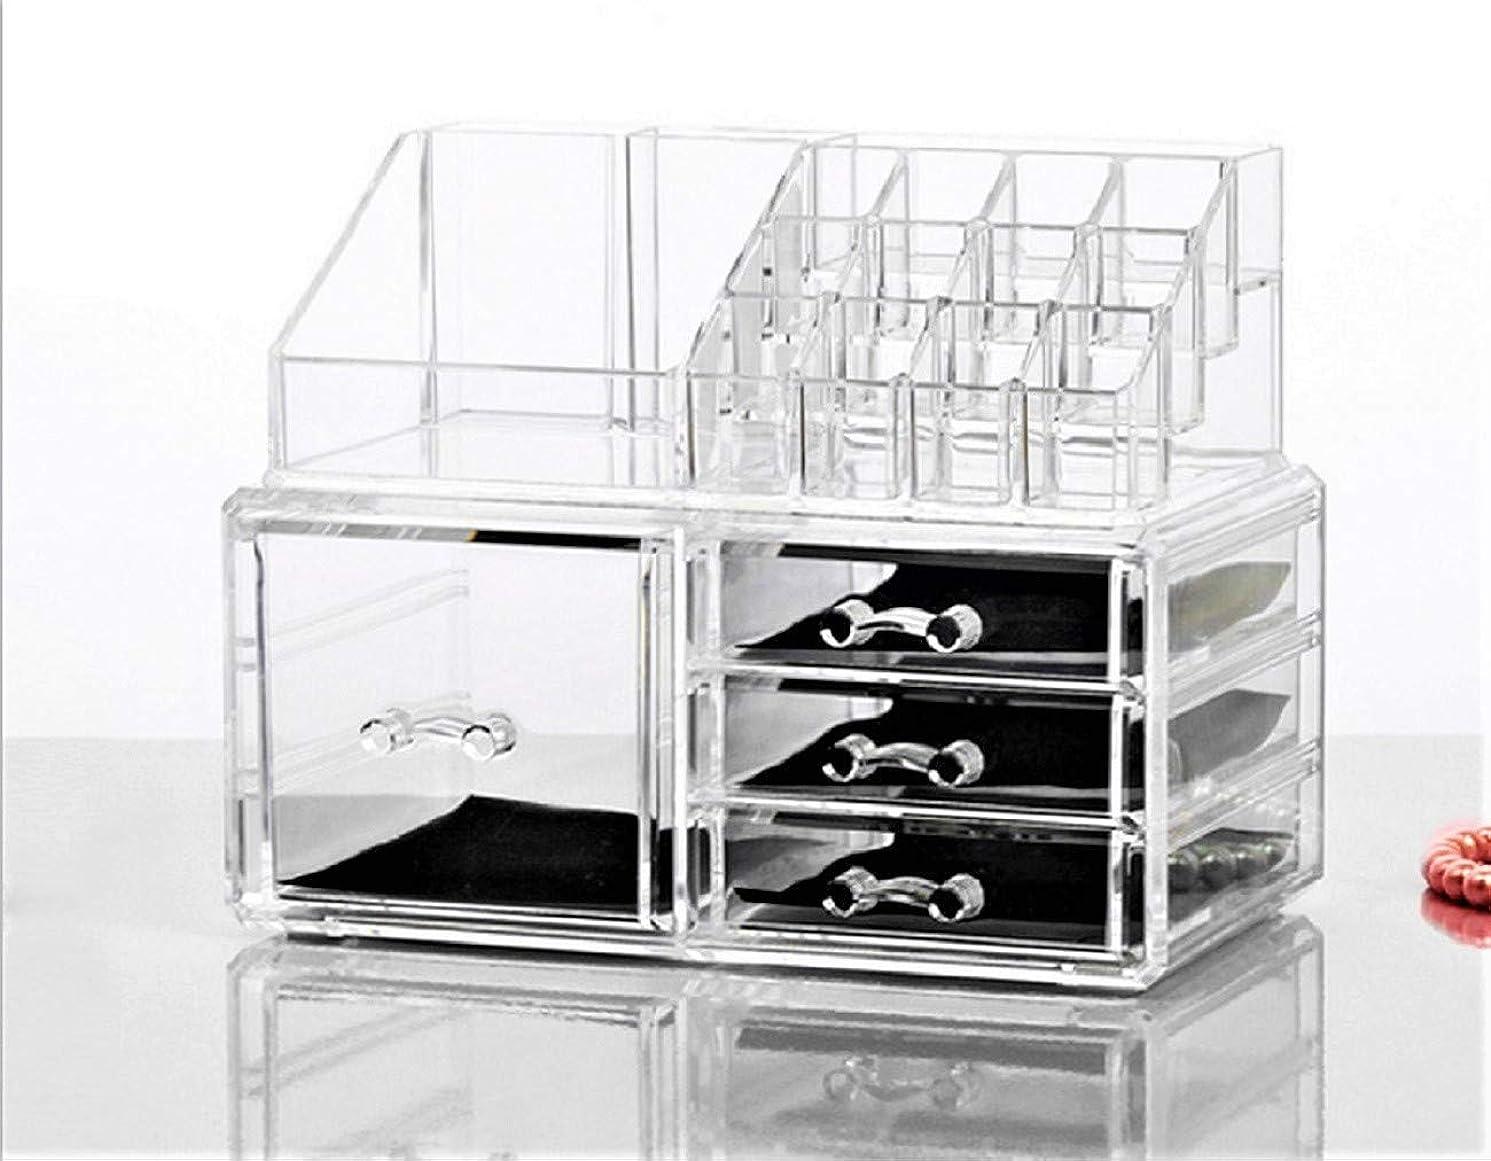 最適放棄足Neolly 化粧品収納ケース メイクケース コスメ収納ボックス 化粧品入れ 収納スタンド 引き出し小物 卓上収納 組合せ式 アクセサリー 防塵 アクリル製 5引き出し 透明